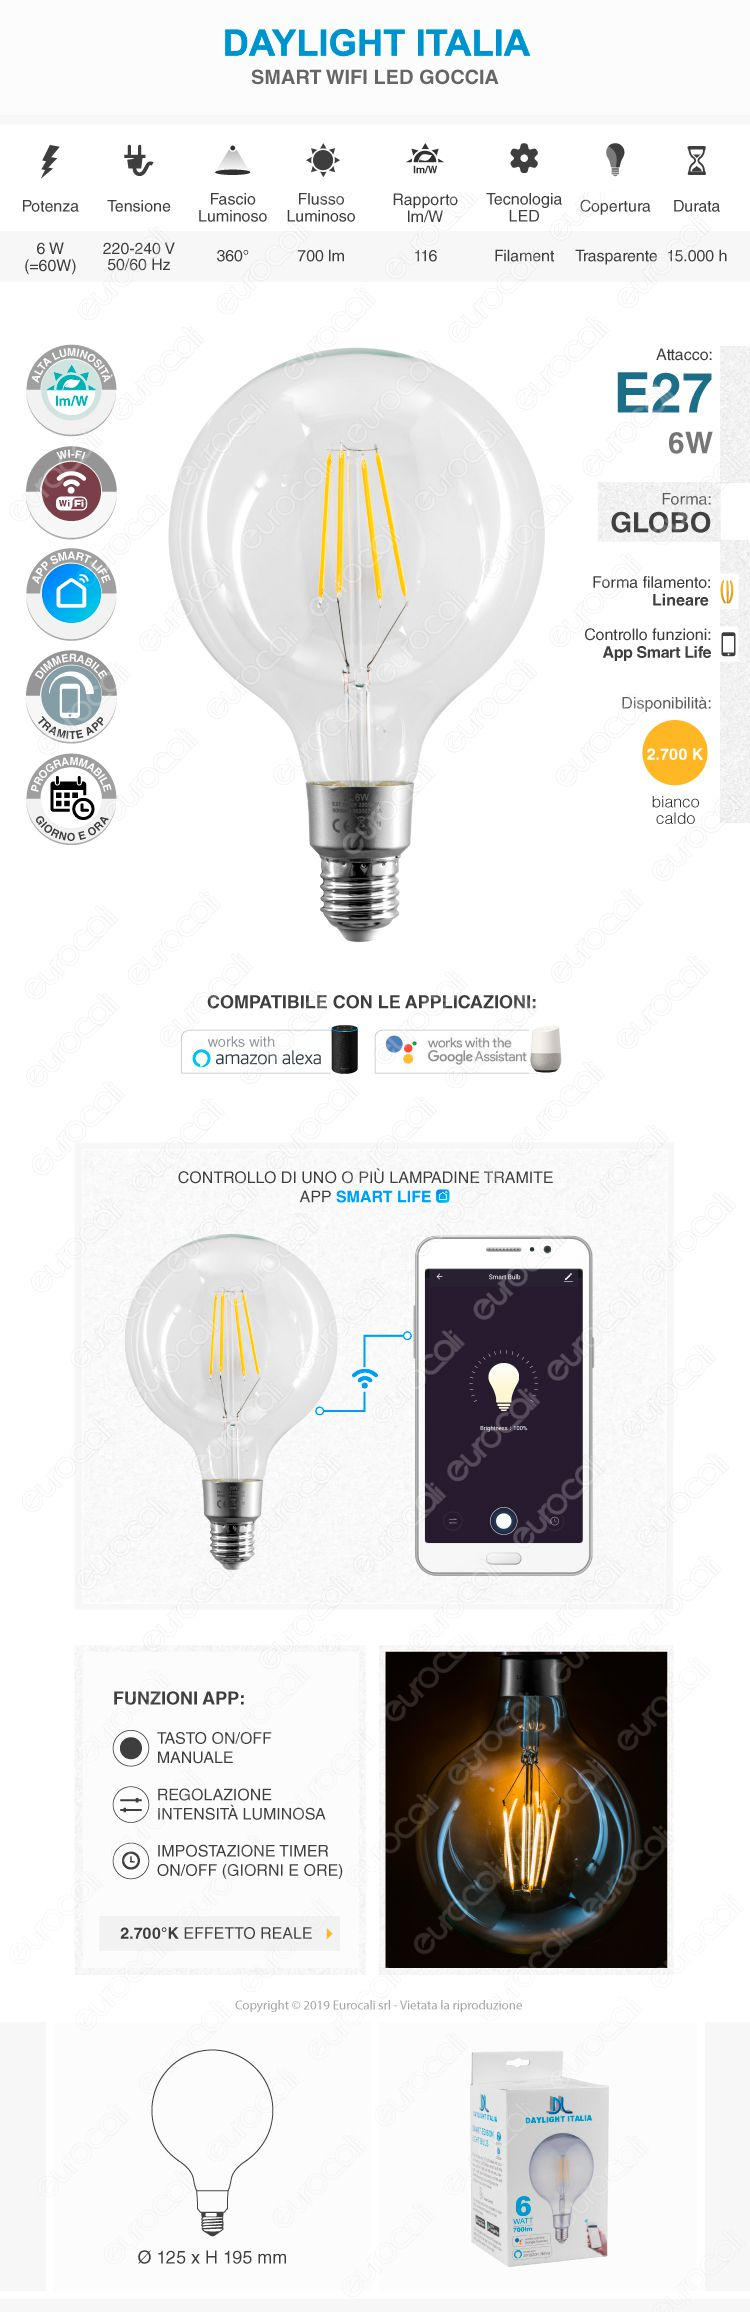 Daylight Italia Lampadina LED Wi-Fi E27 6W Globo G125 Dimmerabile